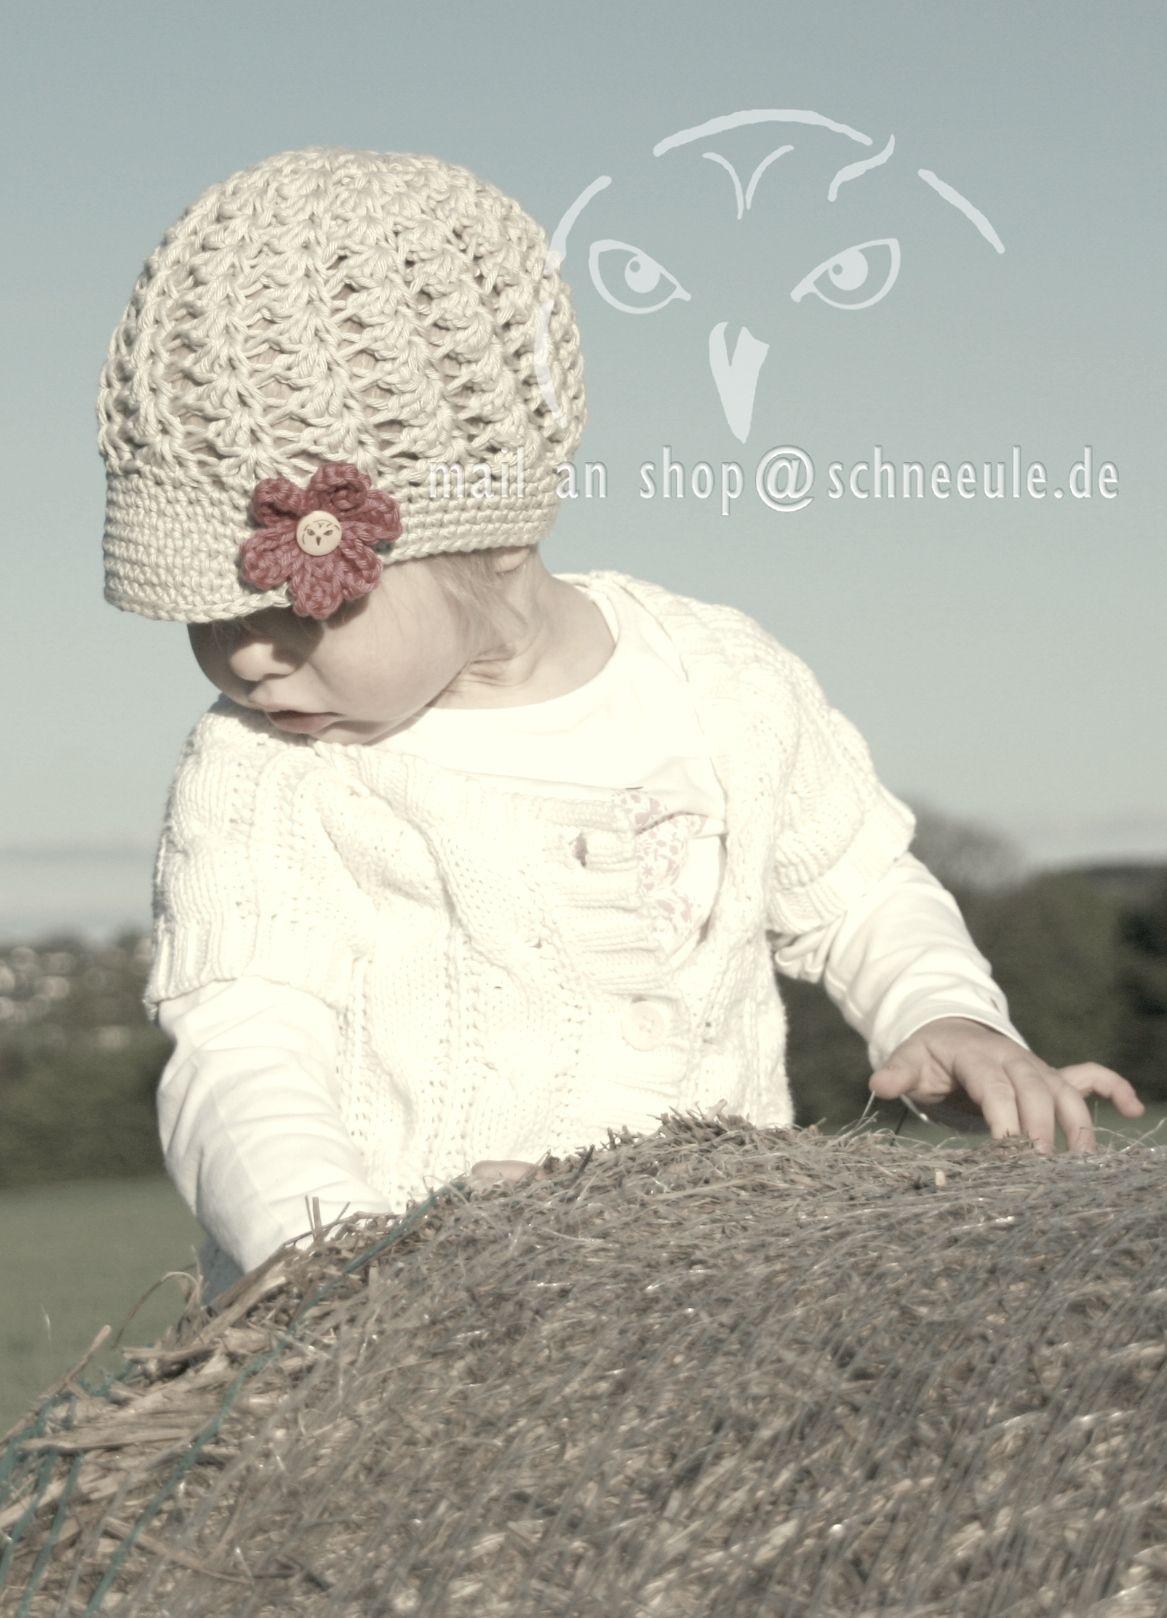 Mütze Mit Blume Gehäkelt Mädchen Crochet Hat Flower Kinder